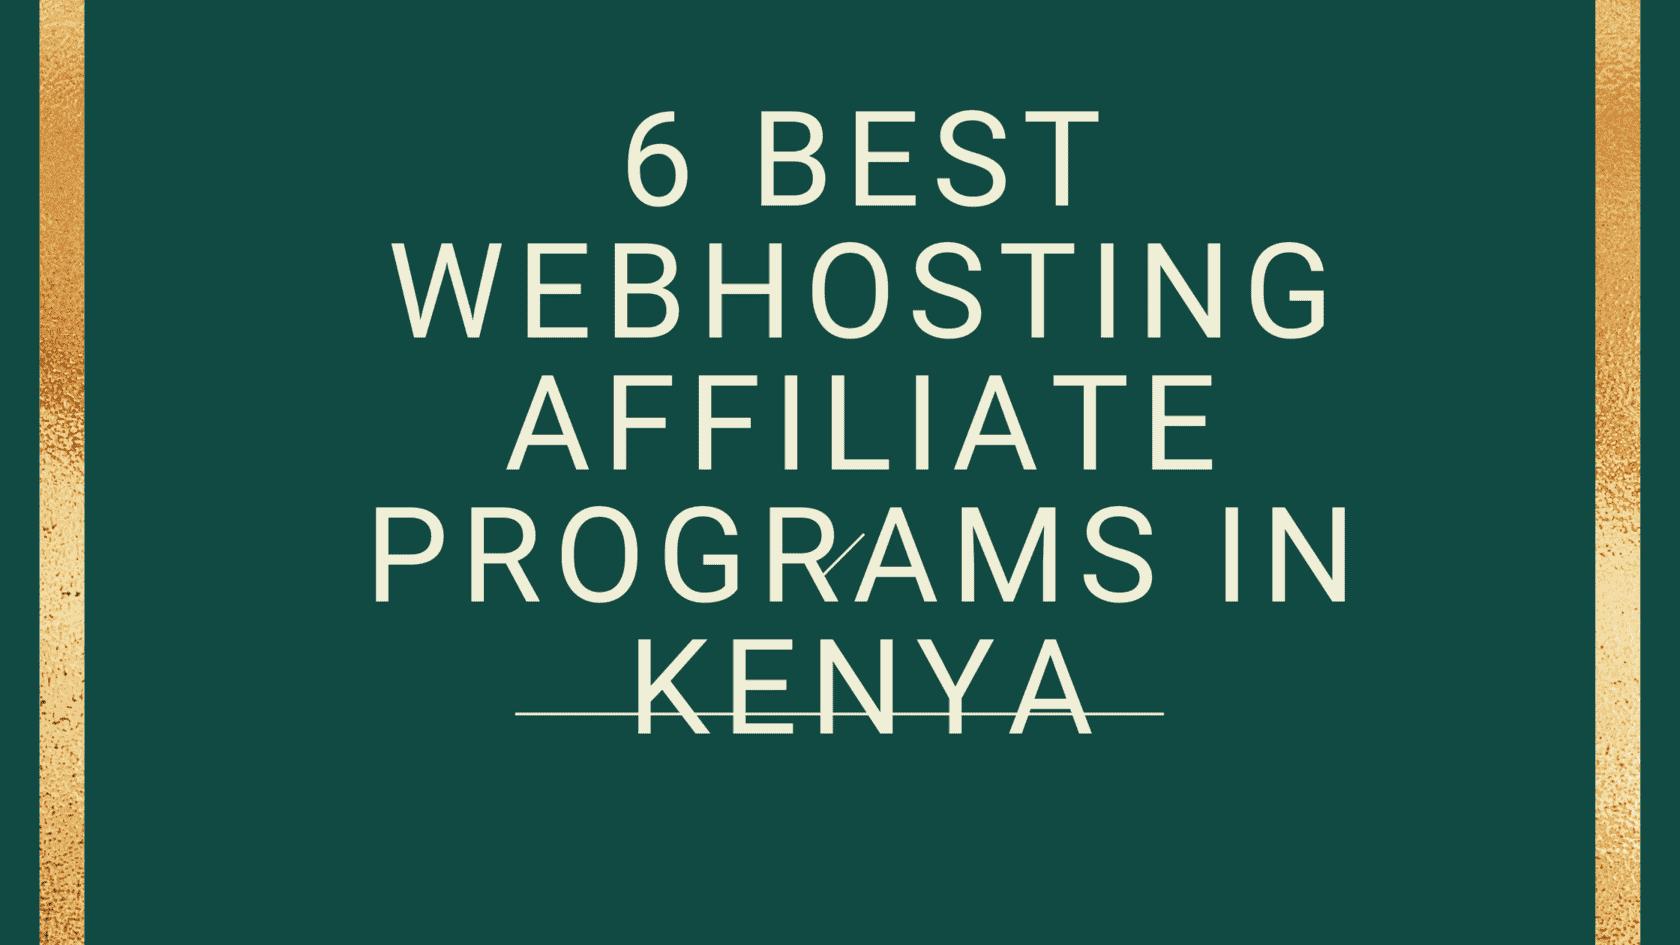 6 bEST WEBHOSTING AFFILIATE PROGRAMS IN KENYA (1)